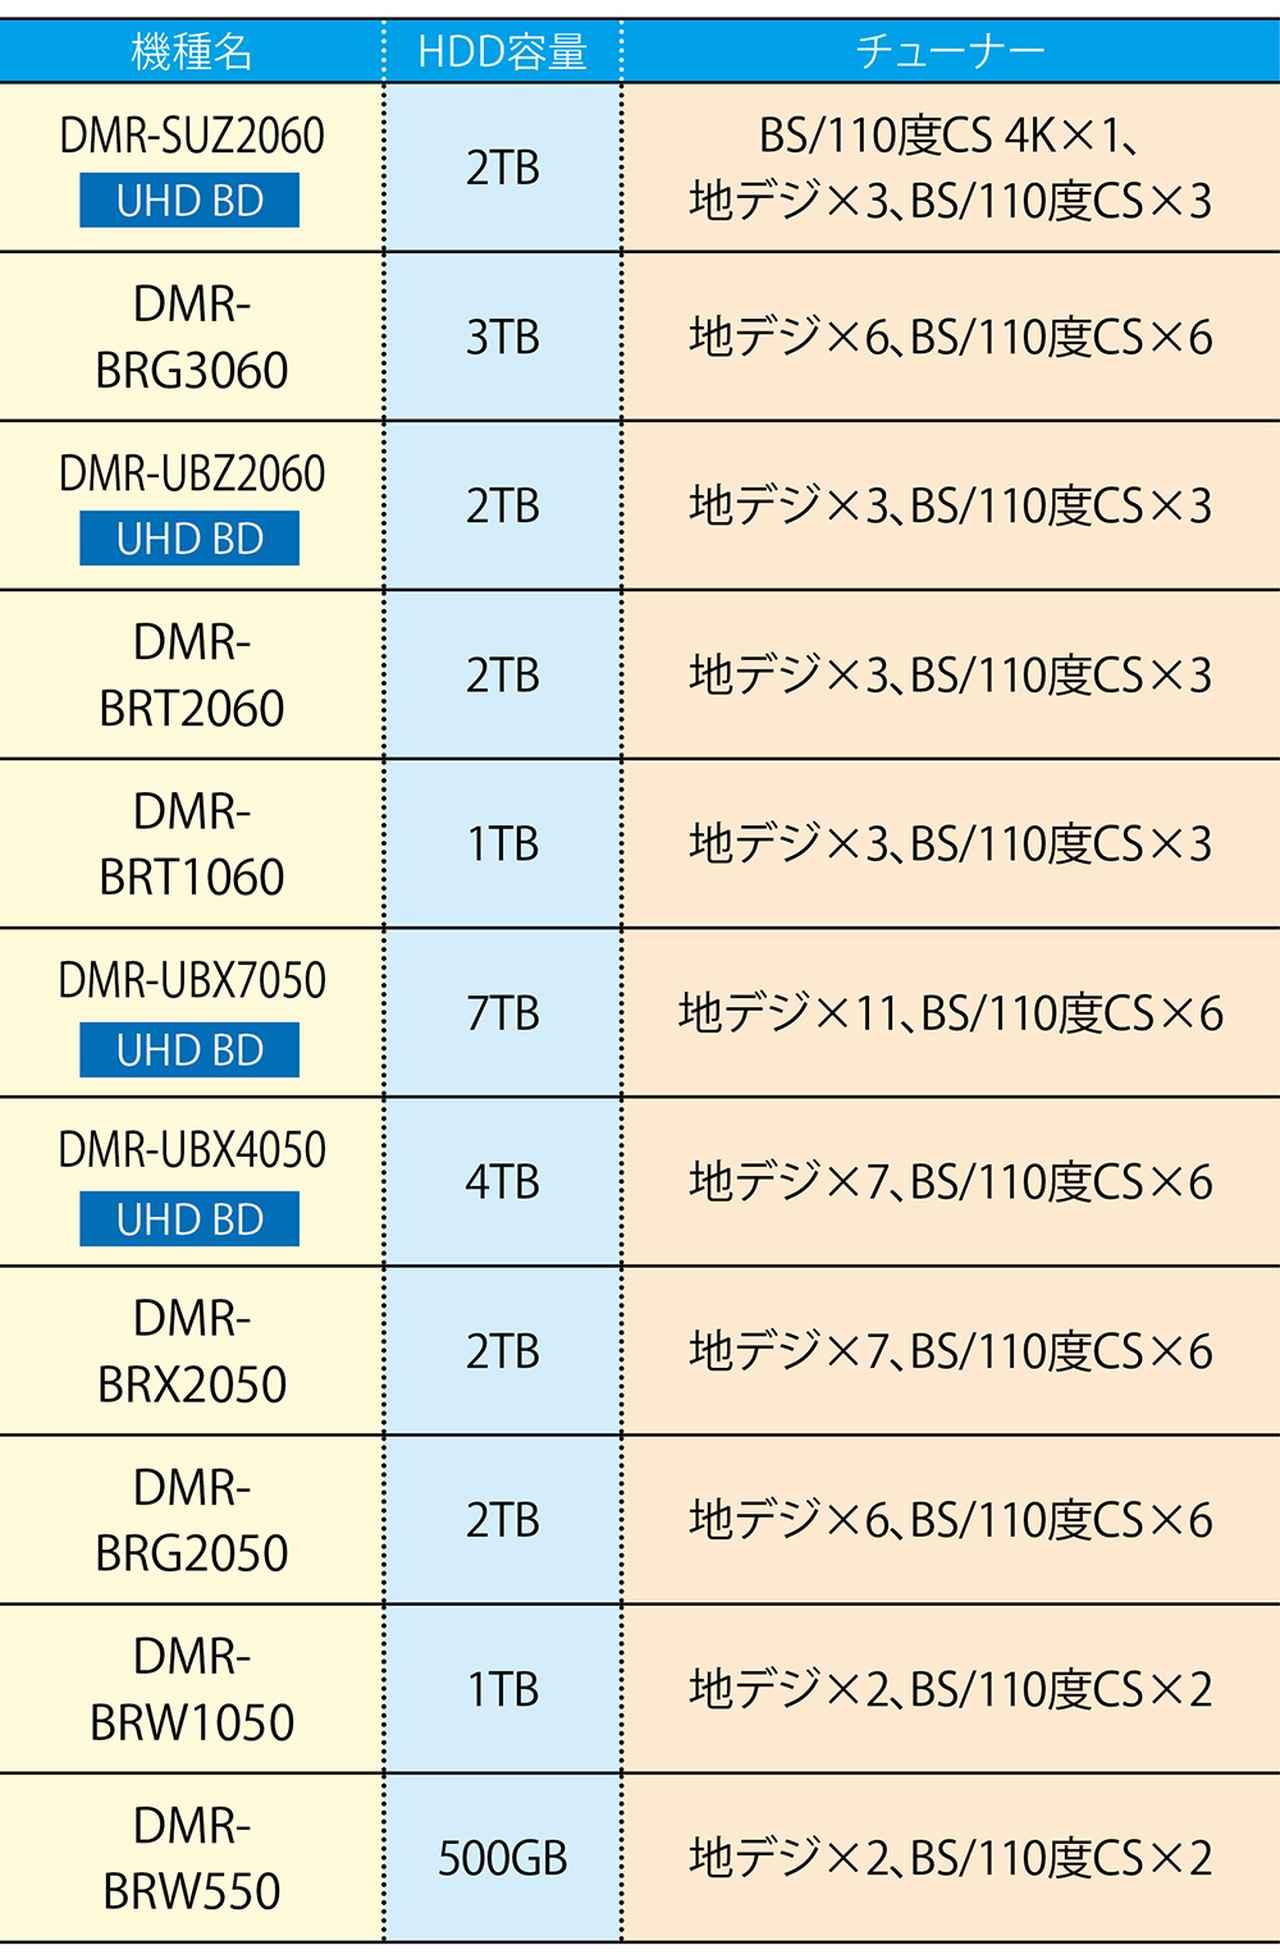 画像3: 【BDレコーダーのおすすめ】HDD容量は?チューナーは?メーカー別最新カタログはコレ